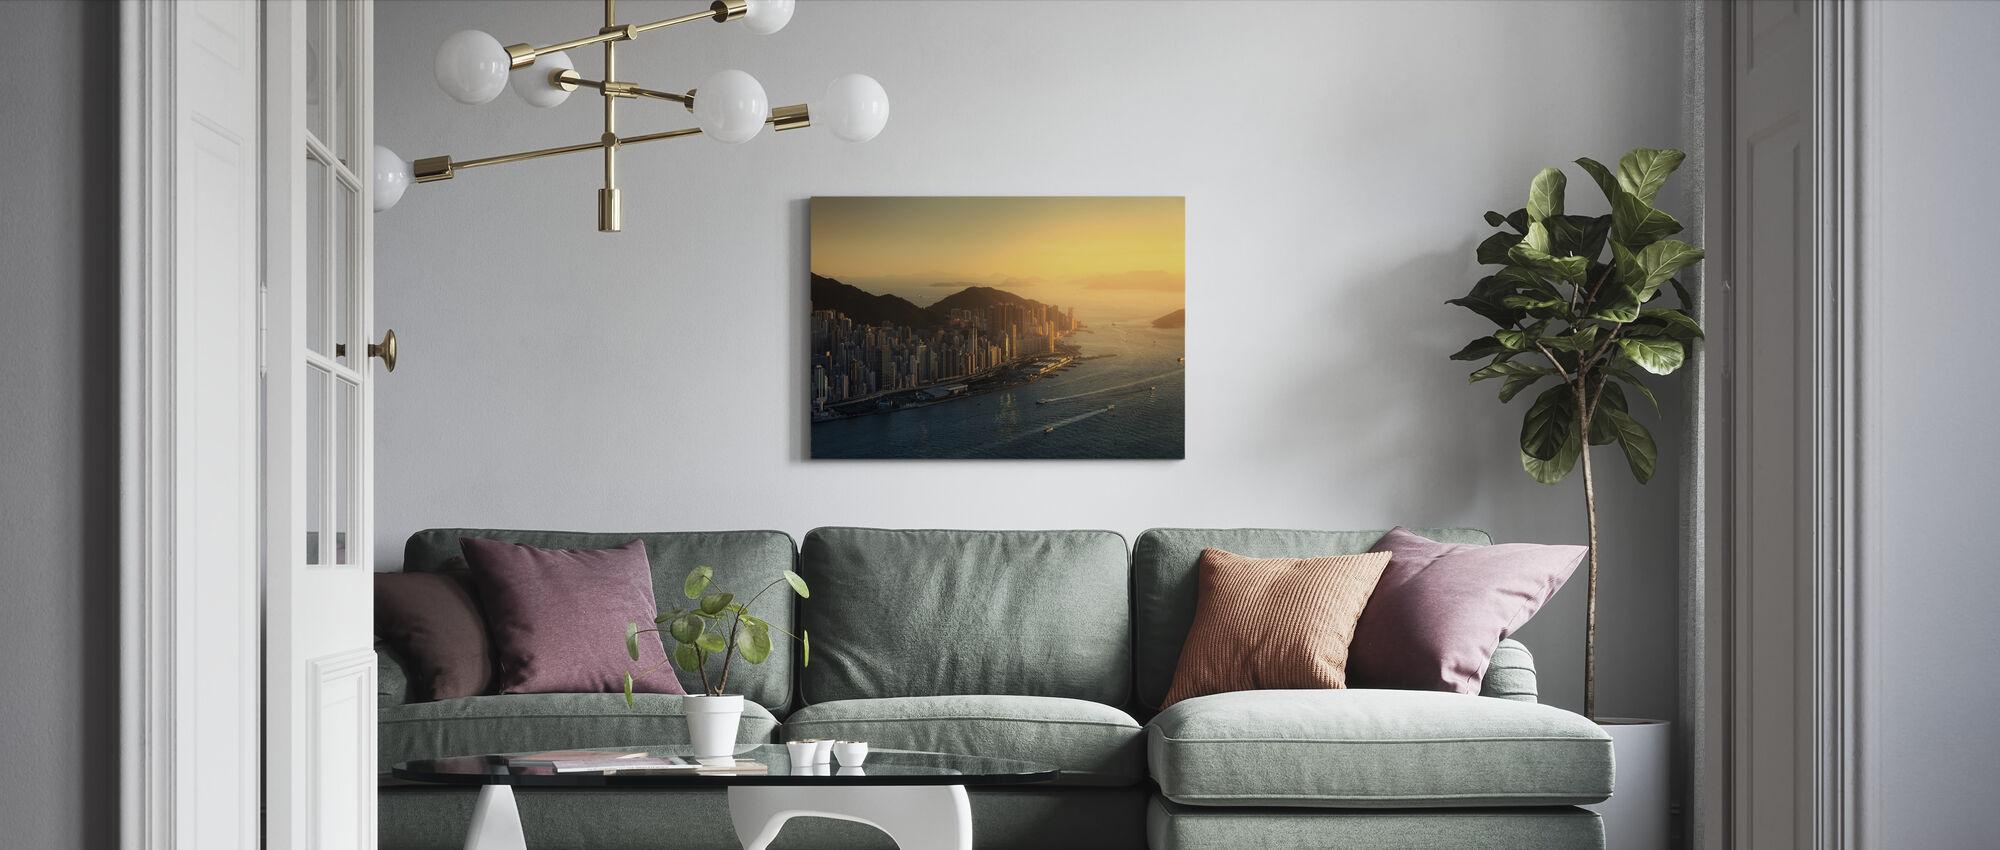 Hong Kong Coastline - Canvas print - Living Room